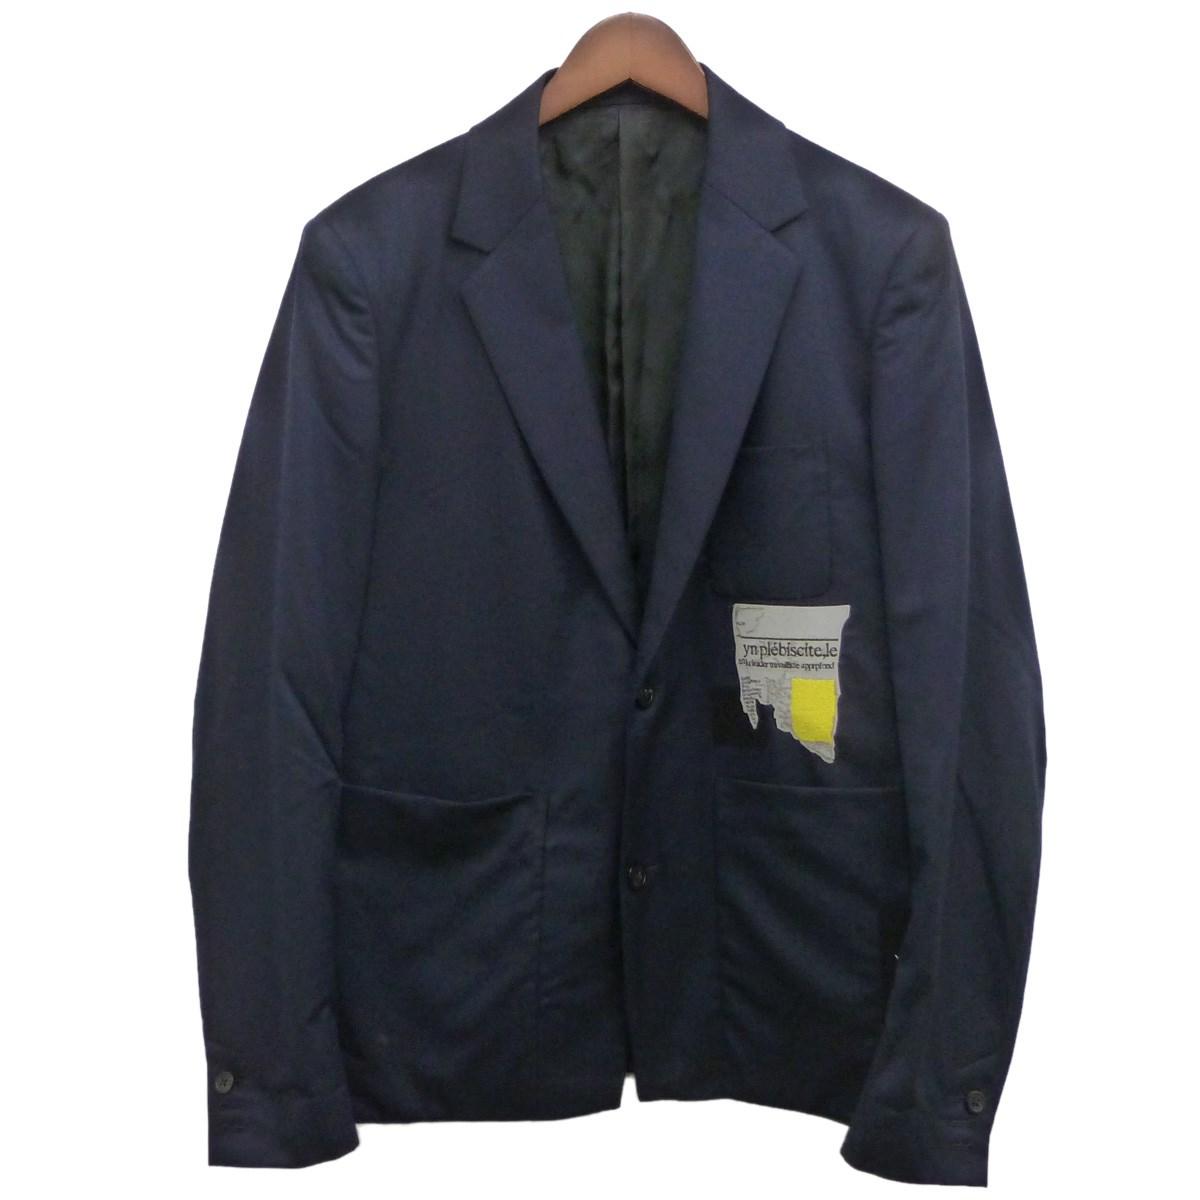 【中古】ALMOSTBLACK 17AWパッチワークテーラードジャケット ネイビー サイズ:1 【281119】(オールモストブラック)